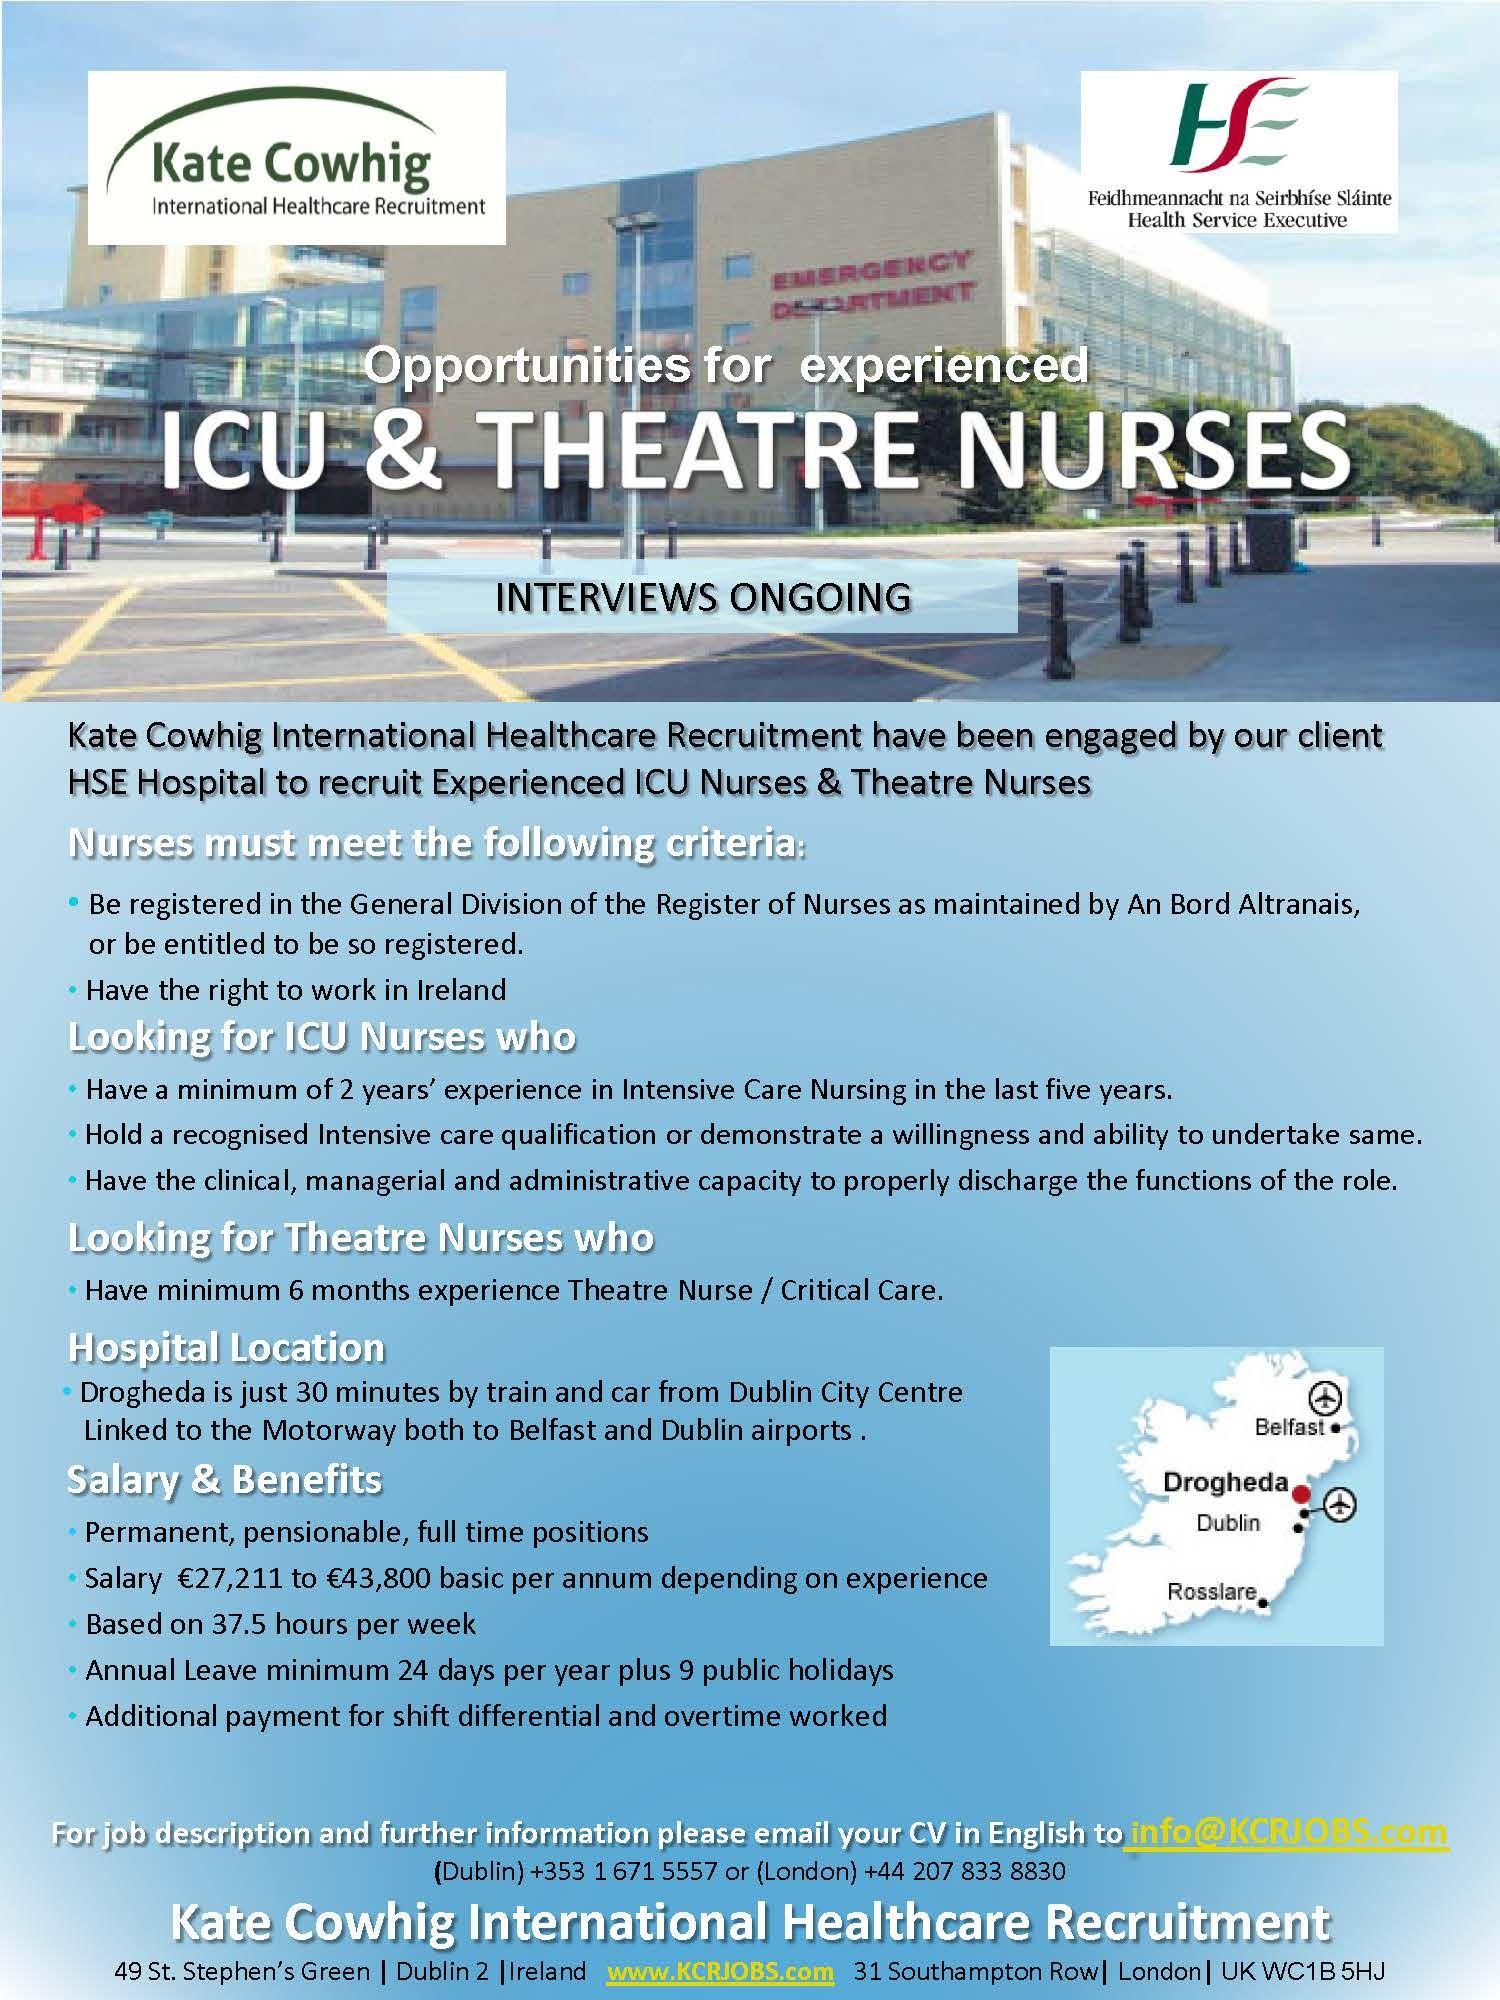 Nursing Jobs for ICU and Theatre Nurses - Ireland. HSE Hospital ...